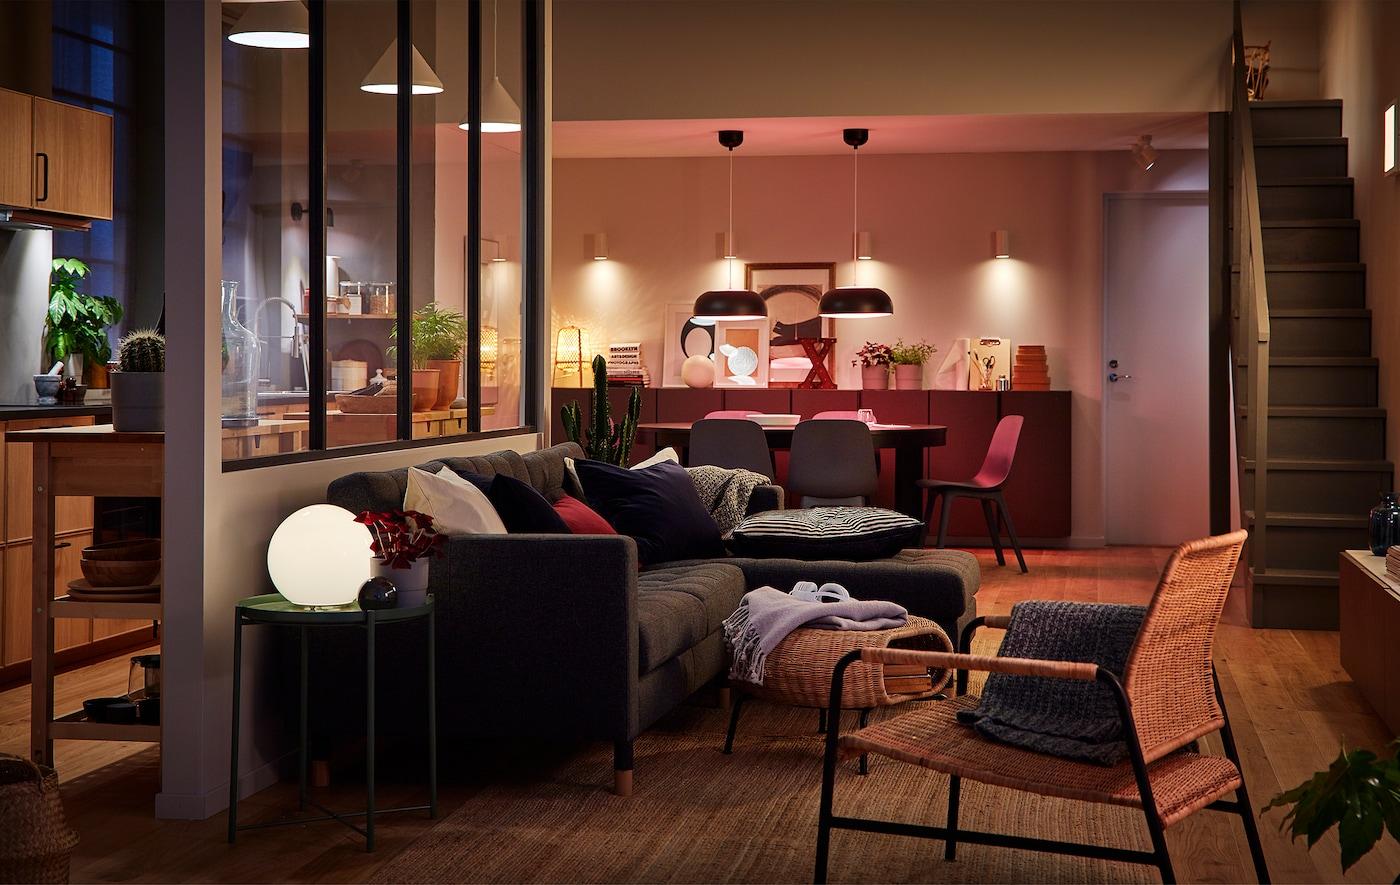 Duży pokój z kuchnią, jadalnią i nieznacznie oddzielonym pokojem dziennym. Pokój oświetlony wieloma źródłami światła.